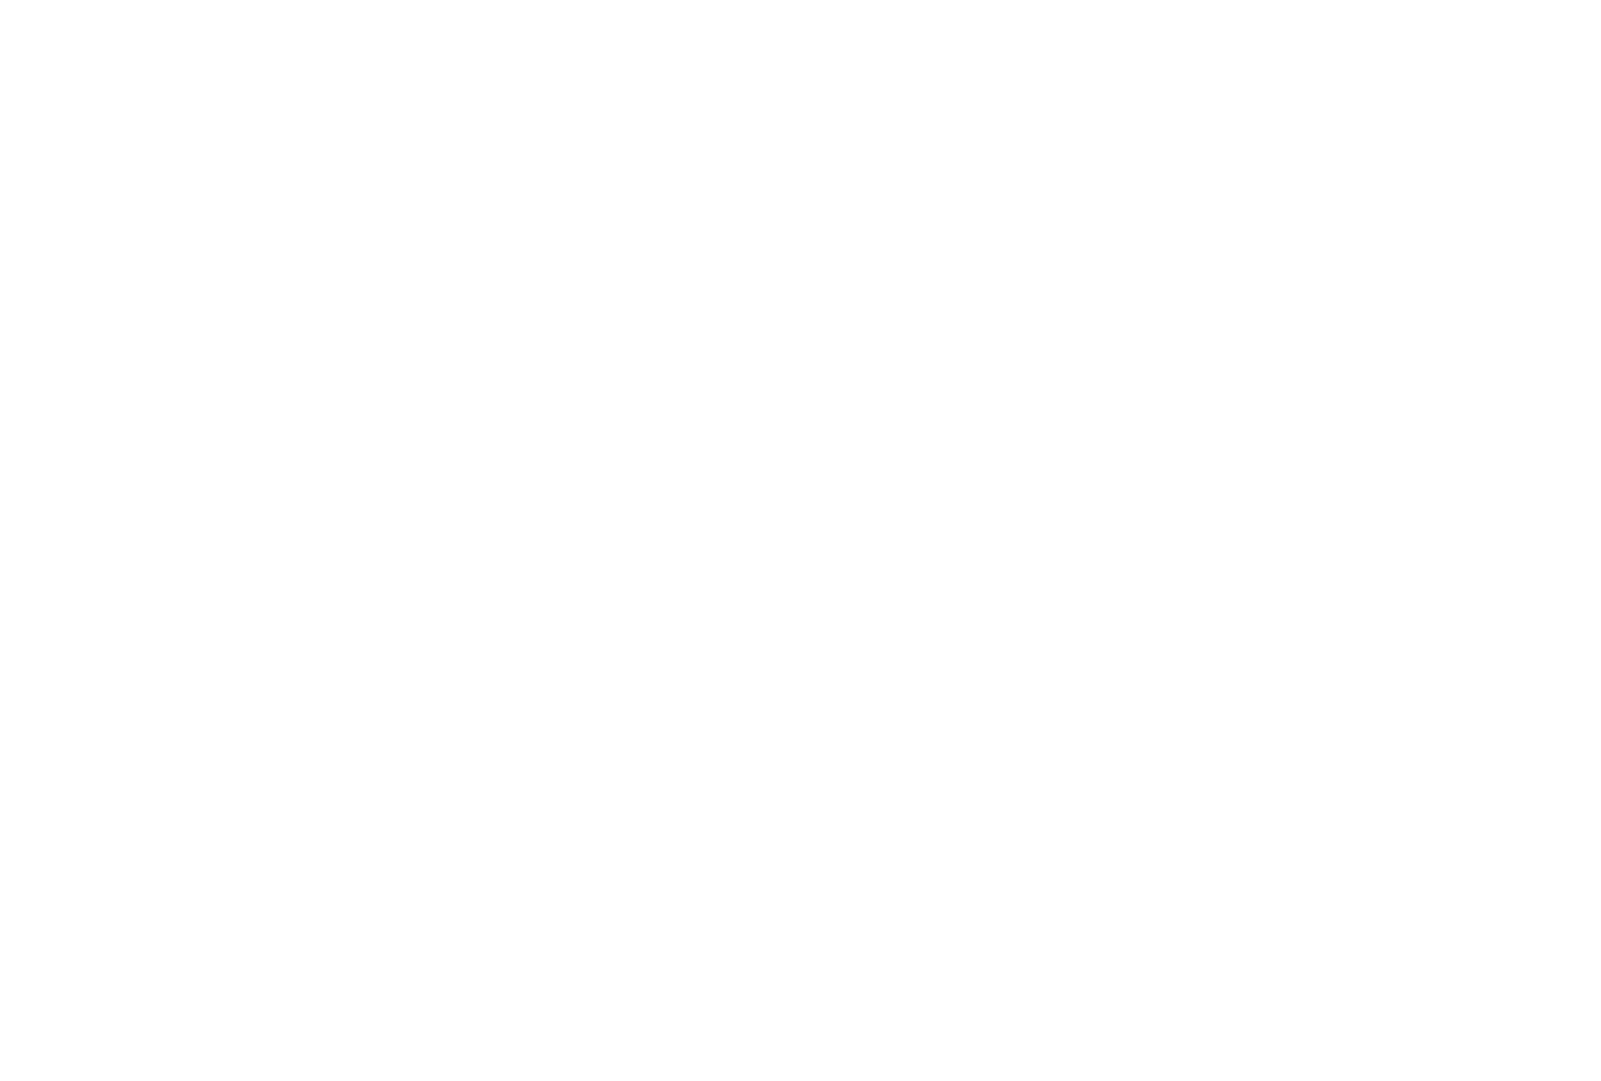 quenosuenealocutor